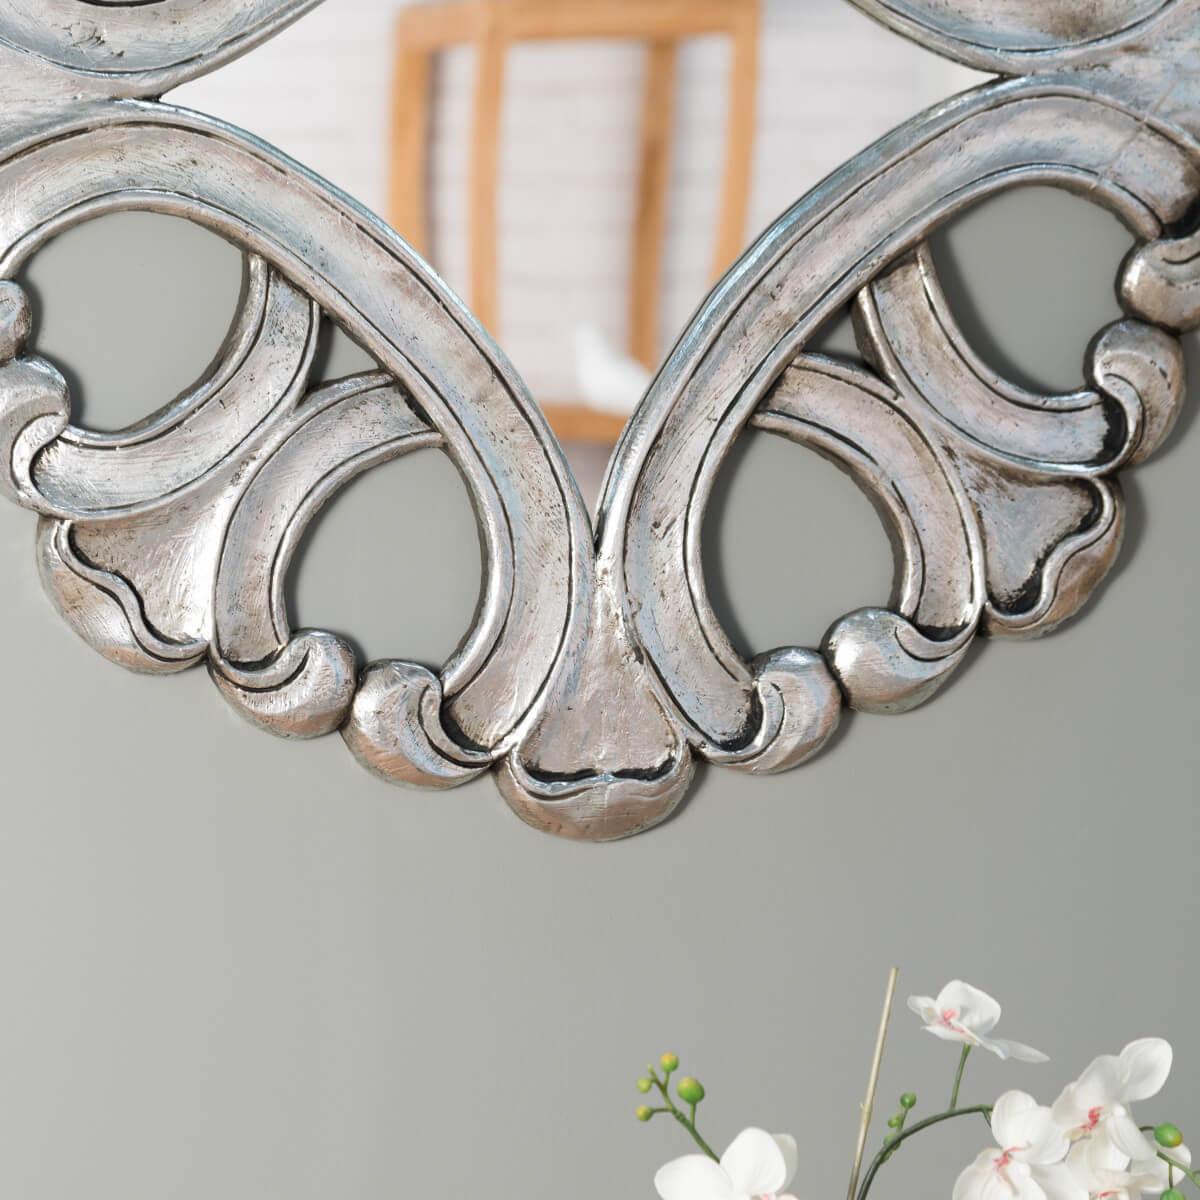 miroir de d coration en bois massif imp rial rond. Black Bedroom Furniture Sets. Home Design Ideas